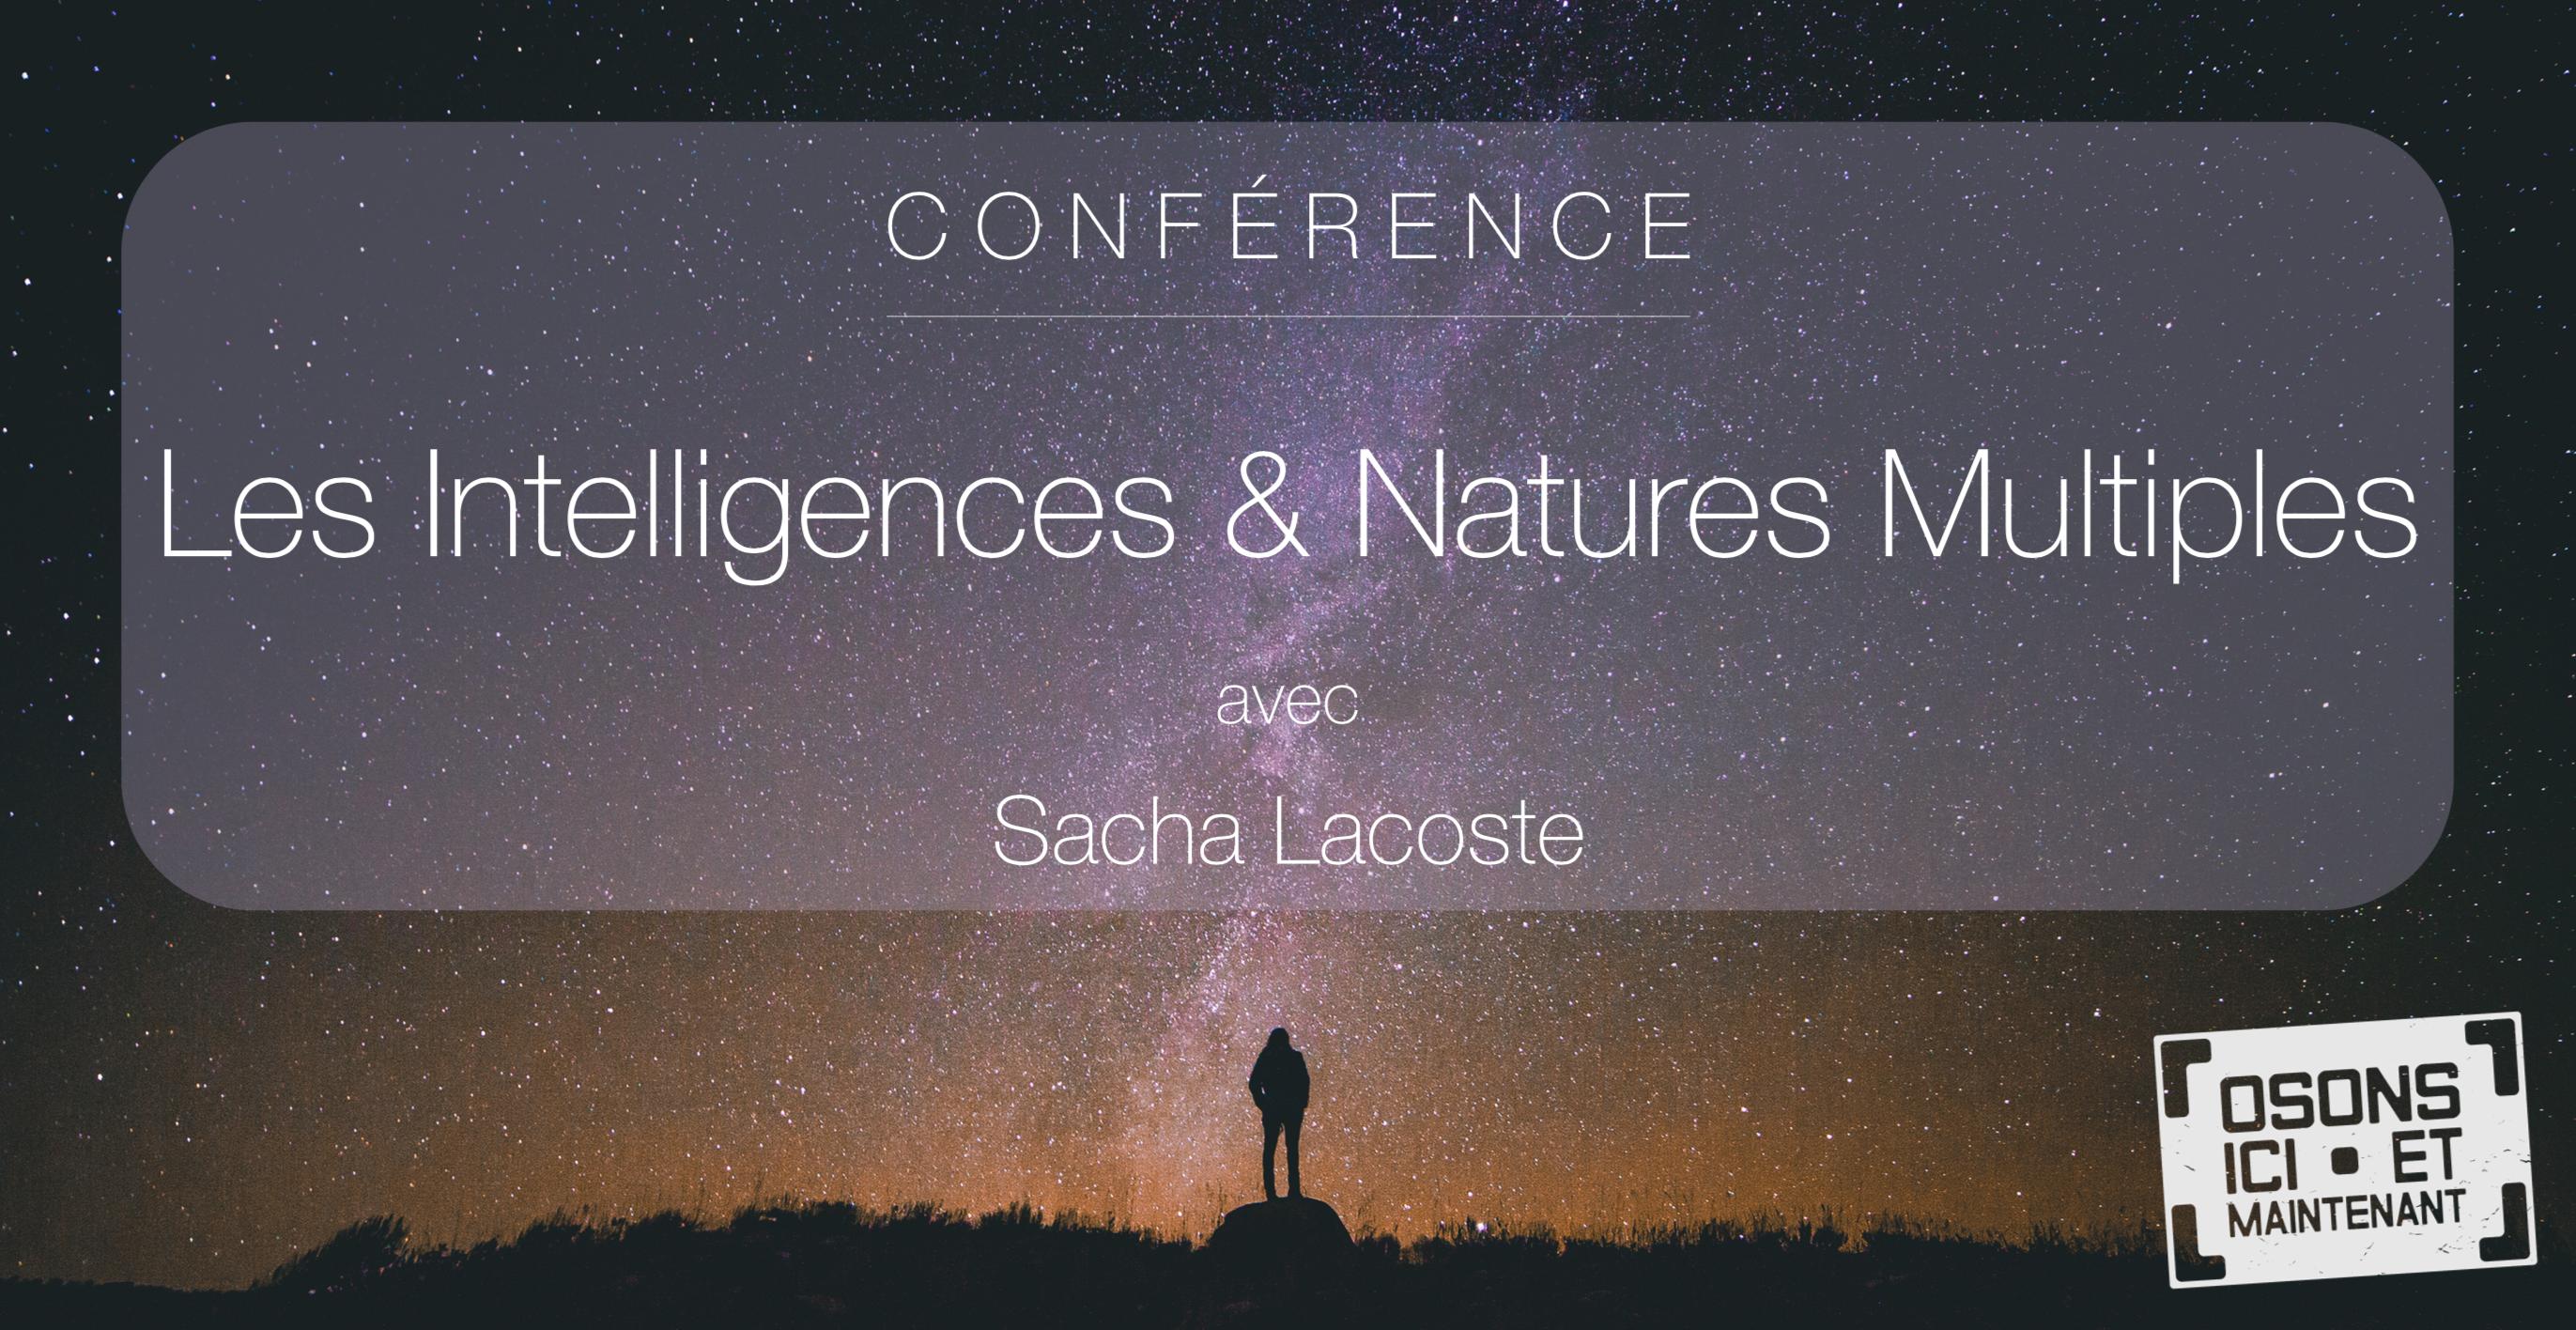 Conférence Intelligences & Natures Multiples à Lyon – 14 Nov.